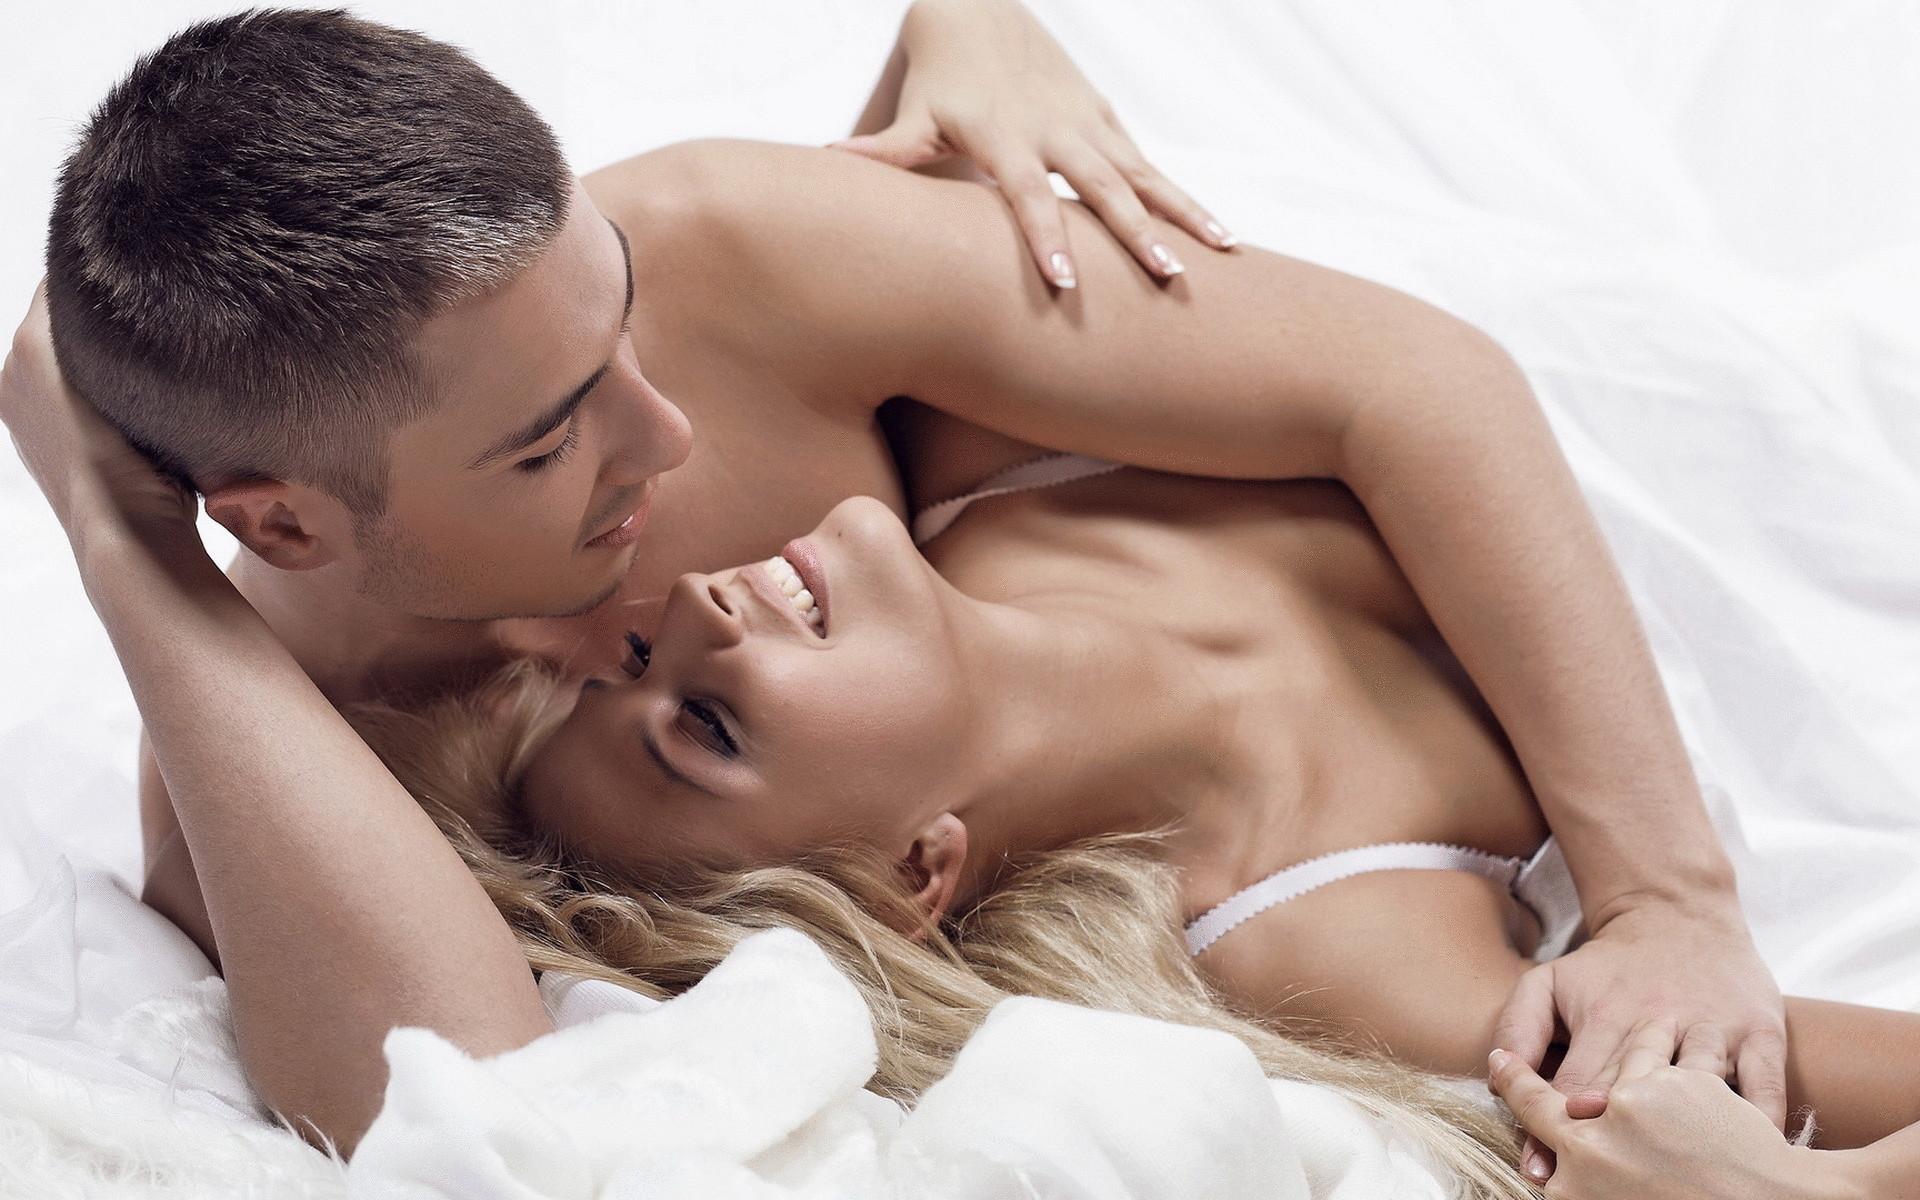 Различные идеи для жесткого секса 23 фотография